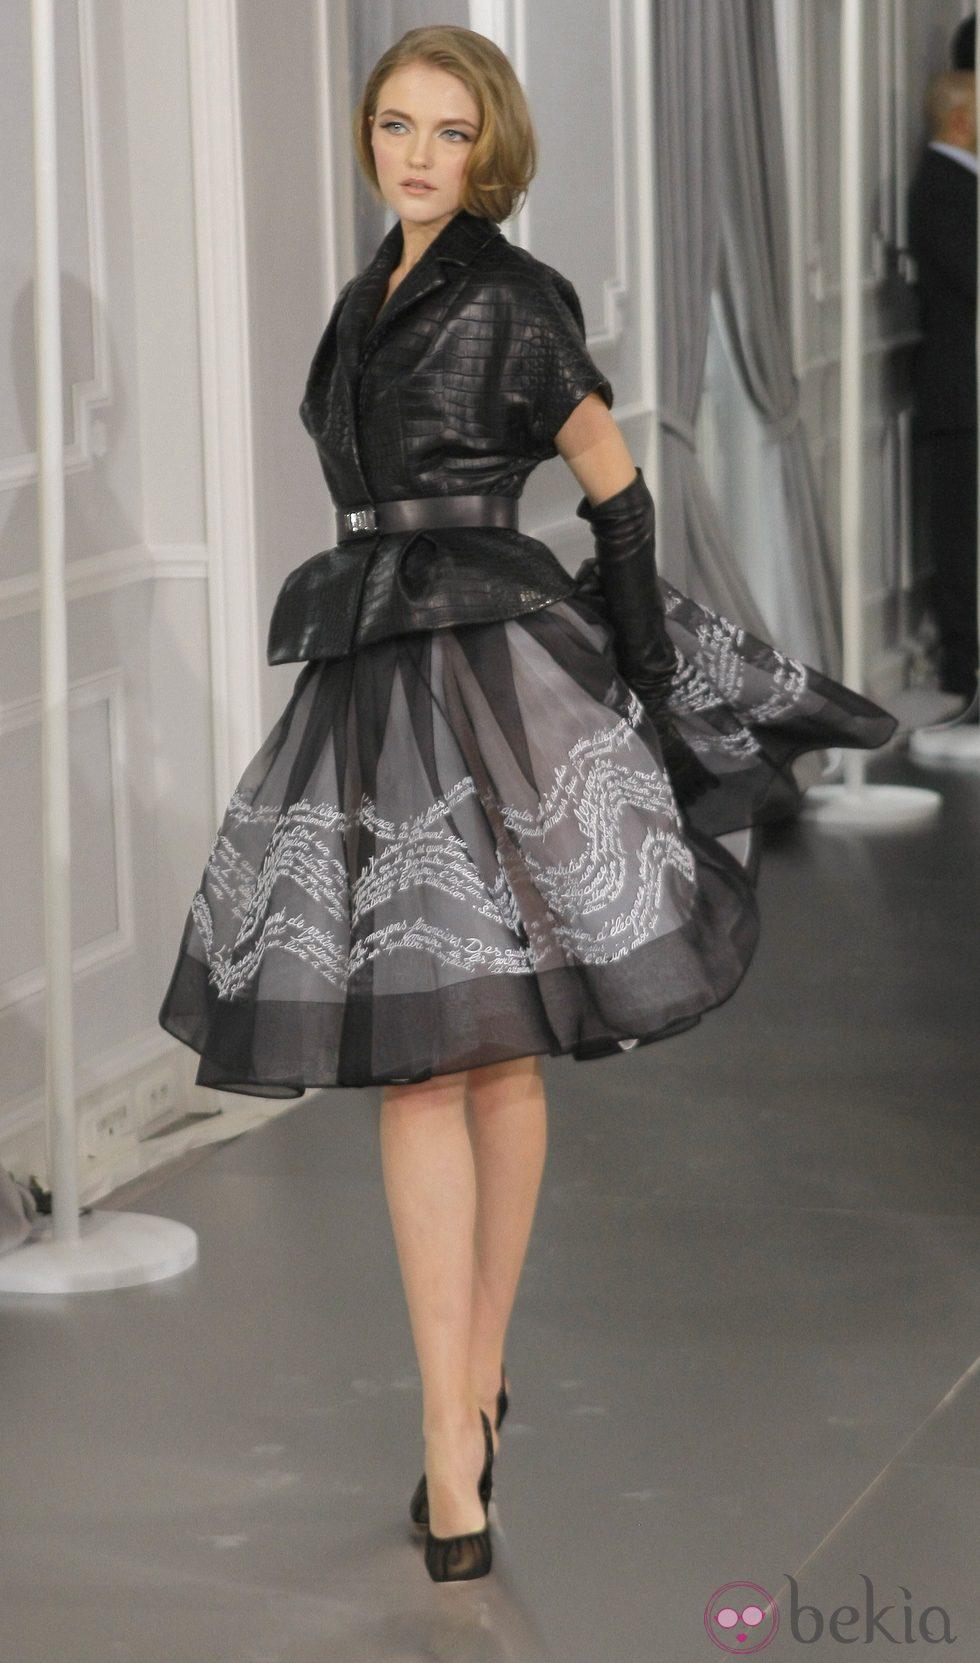 Dise o de falda new look negra con bordados blancos y - Diseno alta costura ...